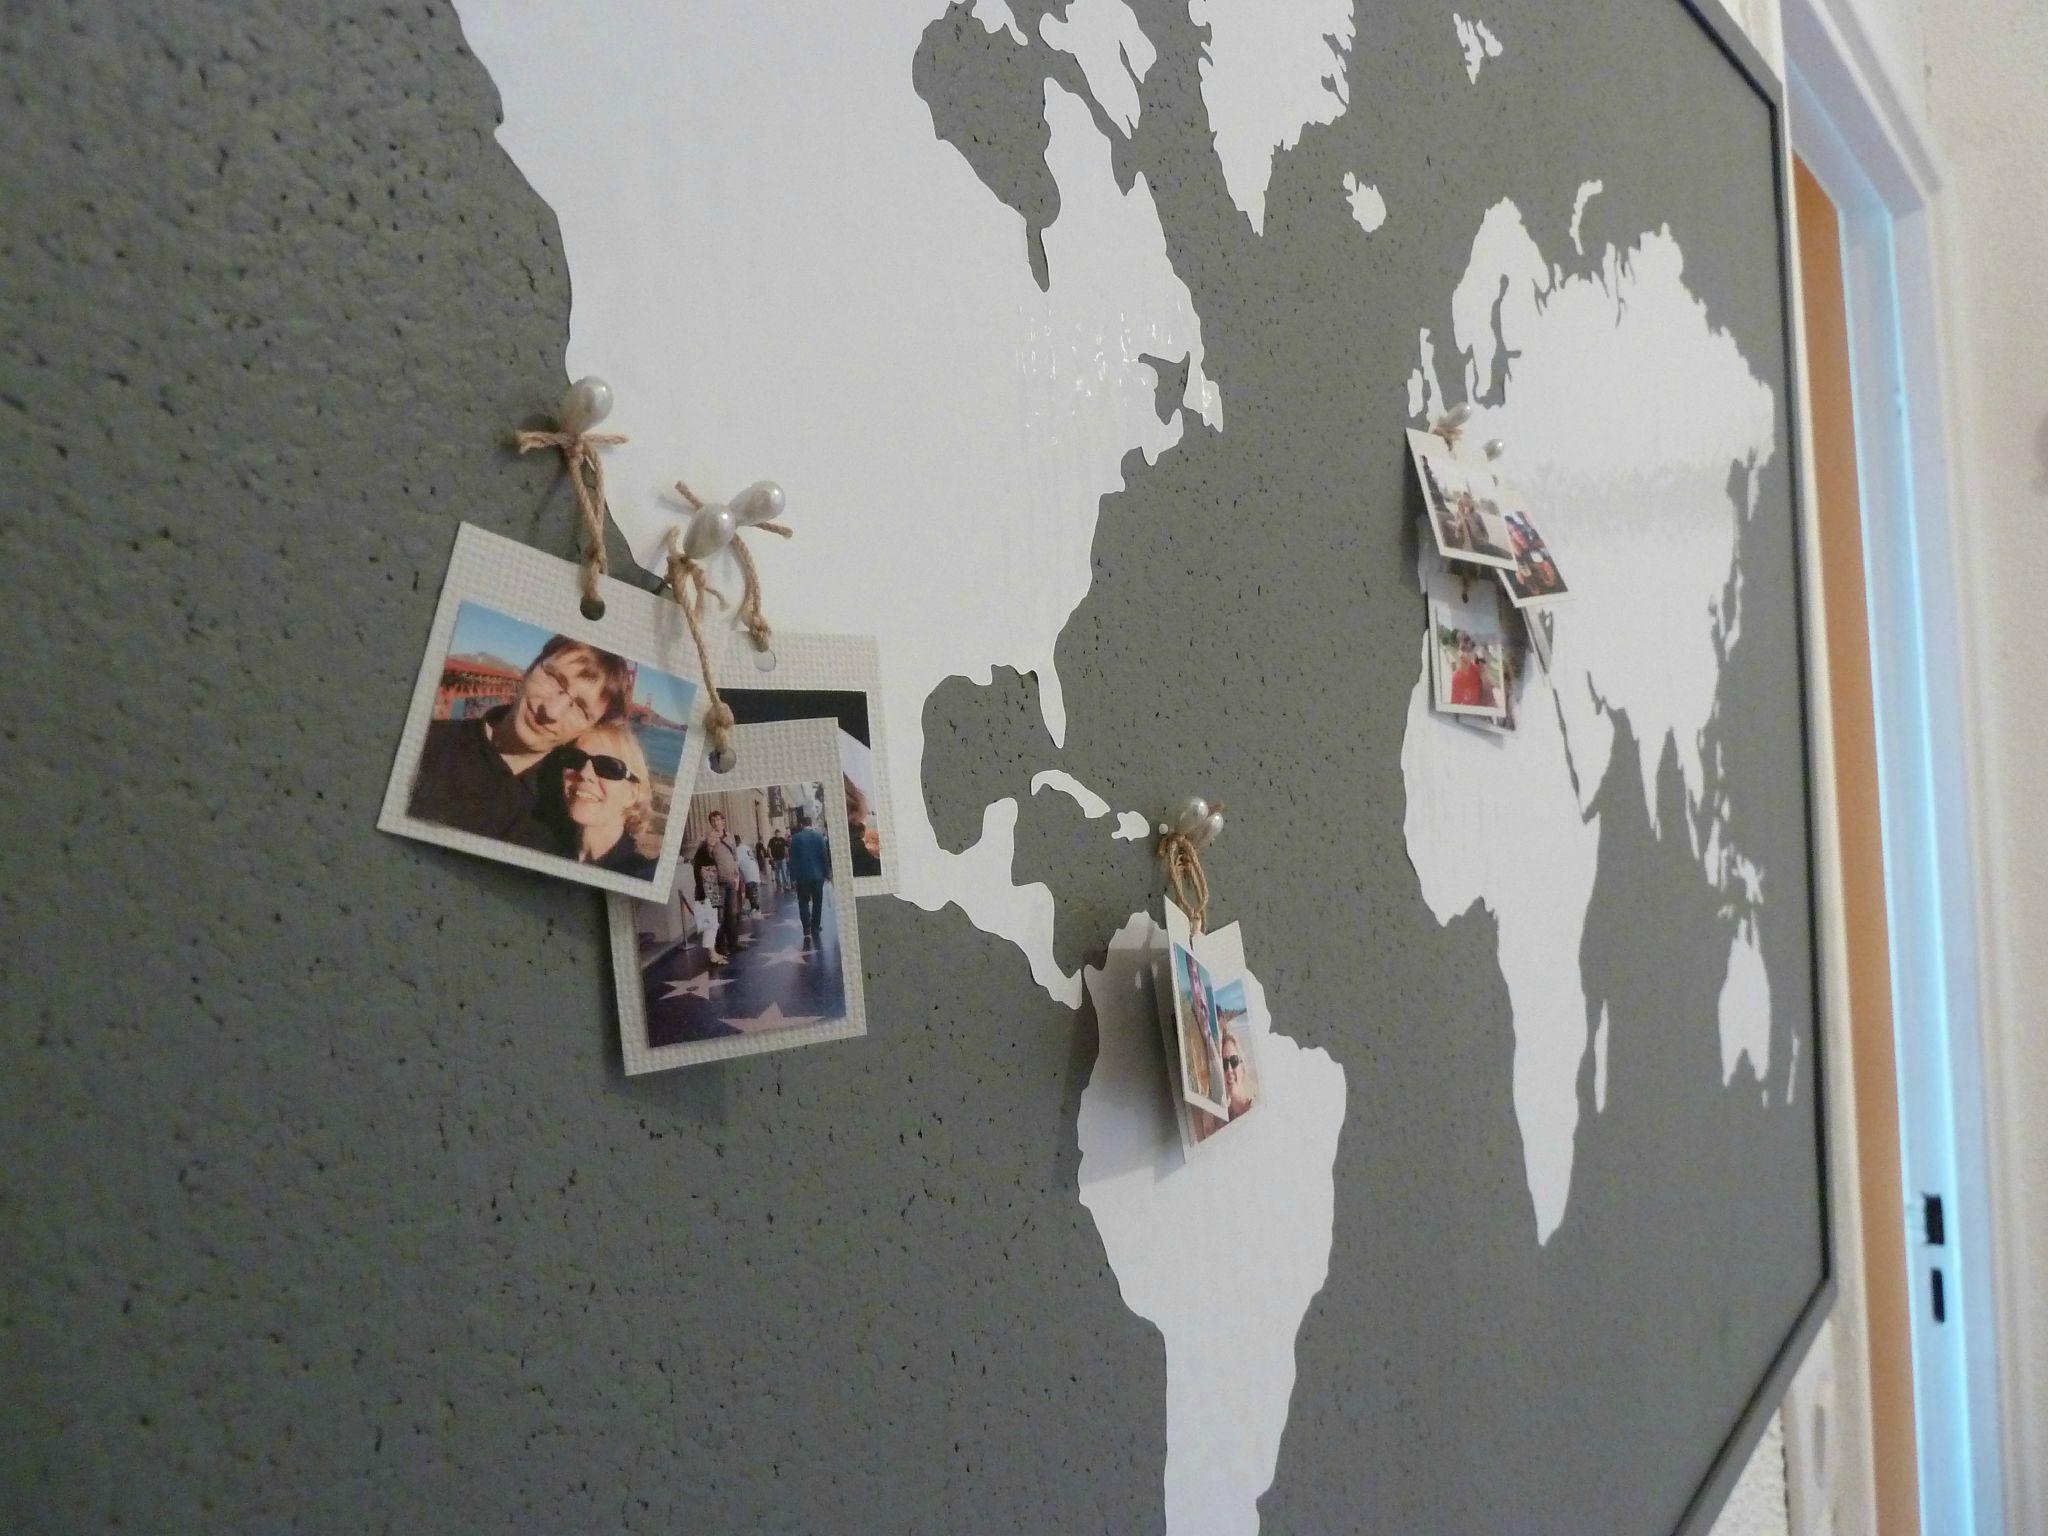 tableau de chasse de voyage les mimines de sialla murs accessoires pinterest tableau. Black Bedroom Furniture Sets. Home Design Ideas